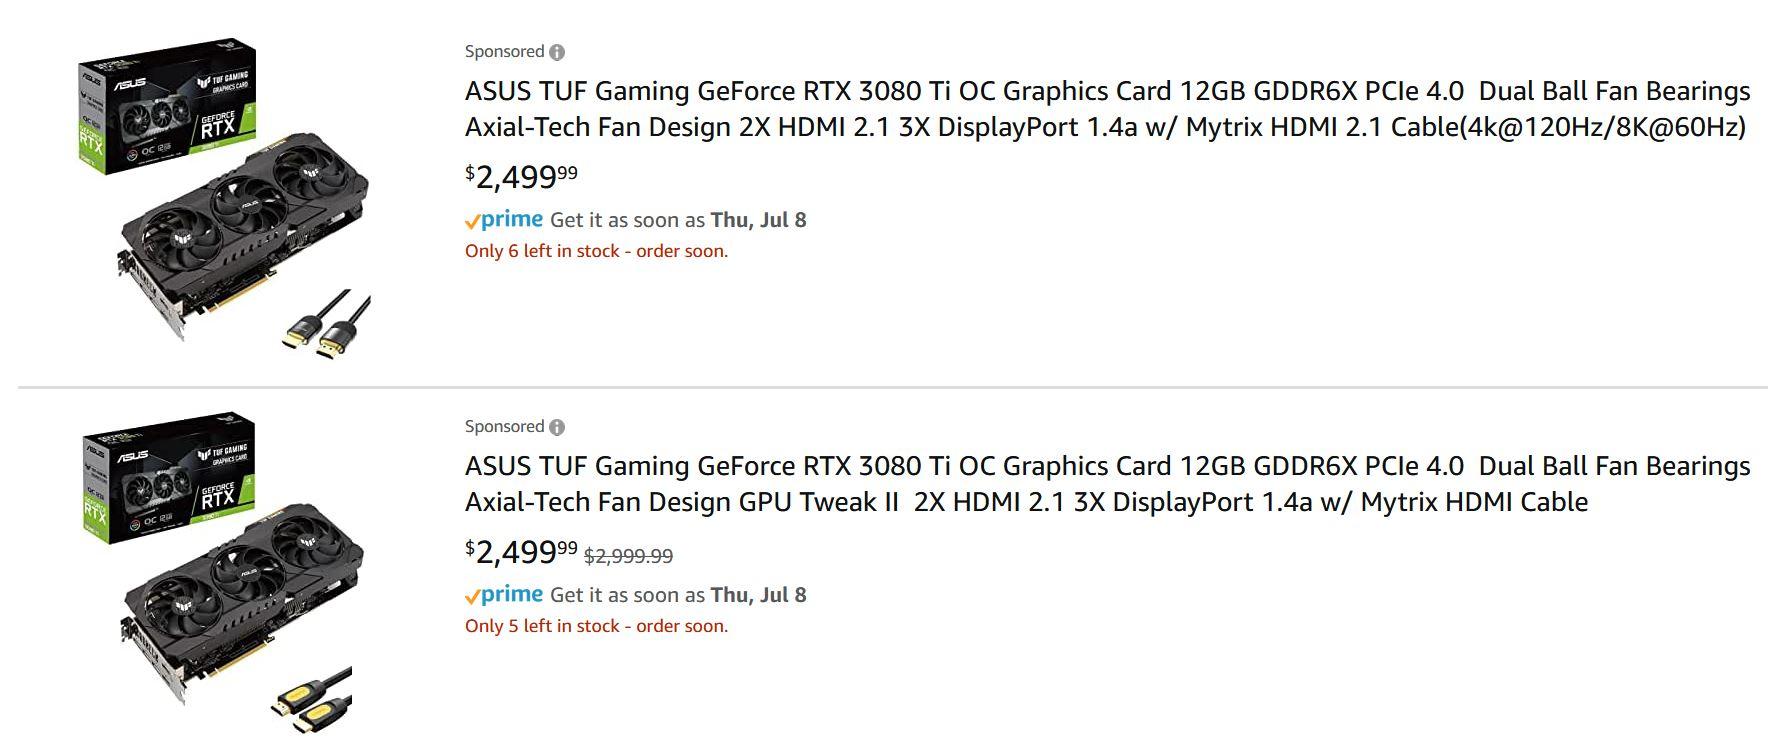 RTX 3080 Ti pricing Amazon